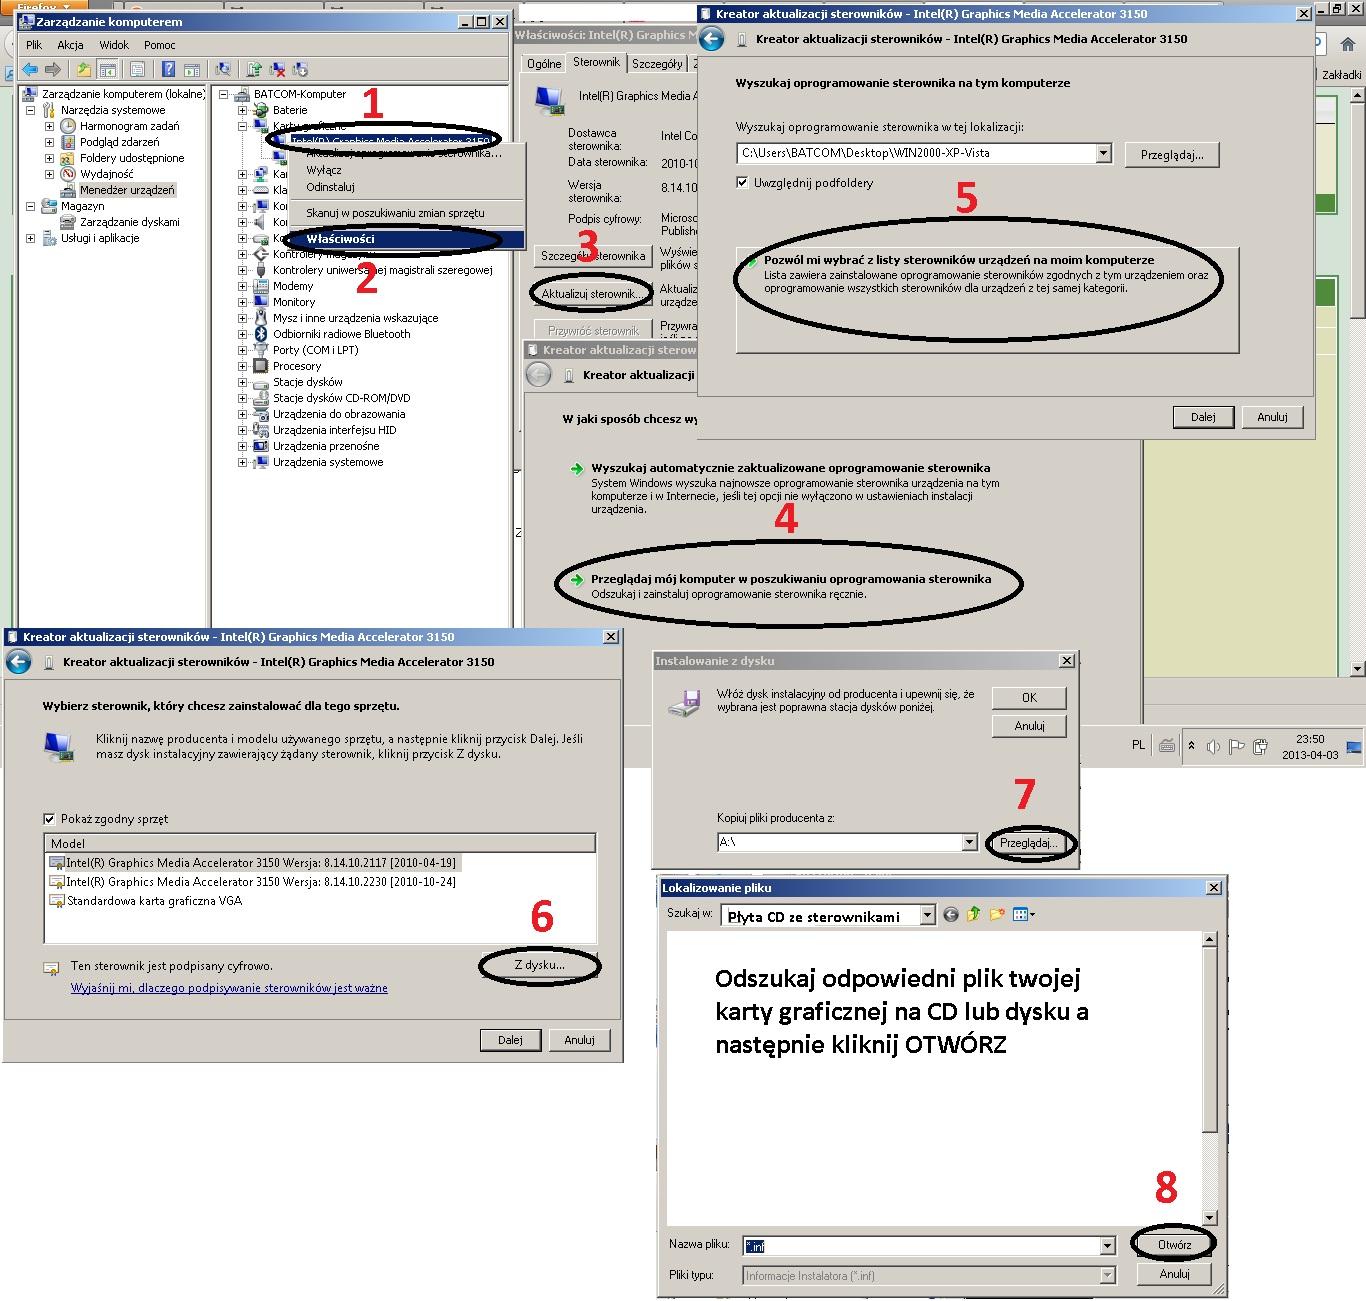 Win 7 + asus 5670 - Znikni�cie pow�oki win 7 po instalacji sterownika grafiki